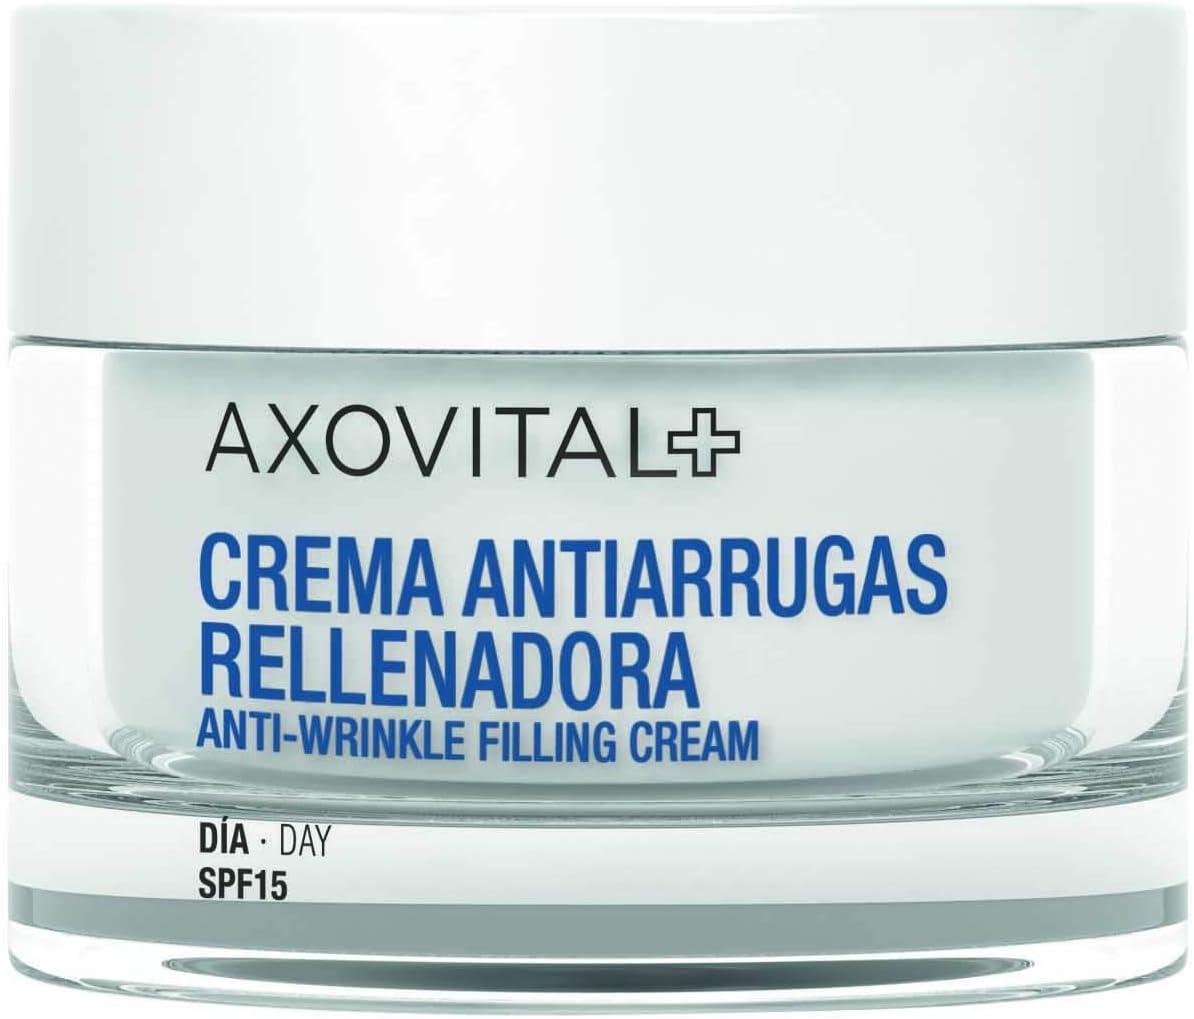 Axovital - Crema de Día SPF15 con Textura Cremosa - 50 ml.: Amazon.es: Alimentación y bebidas